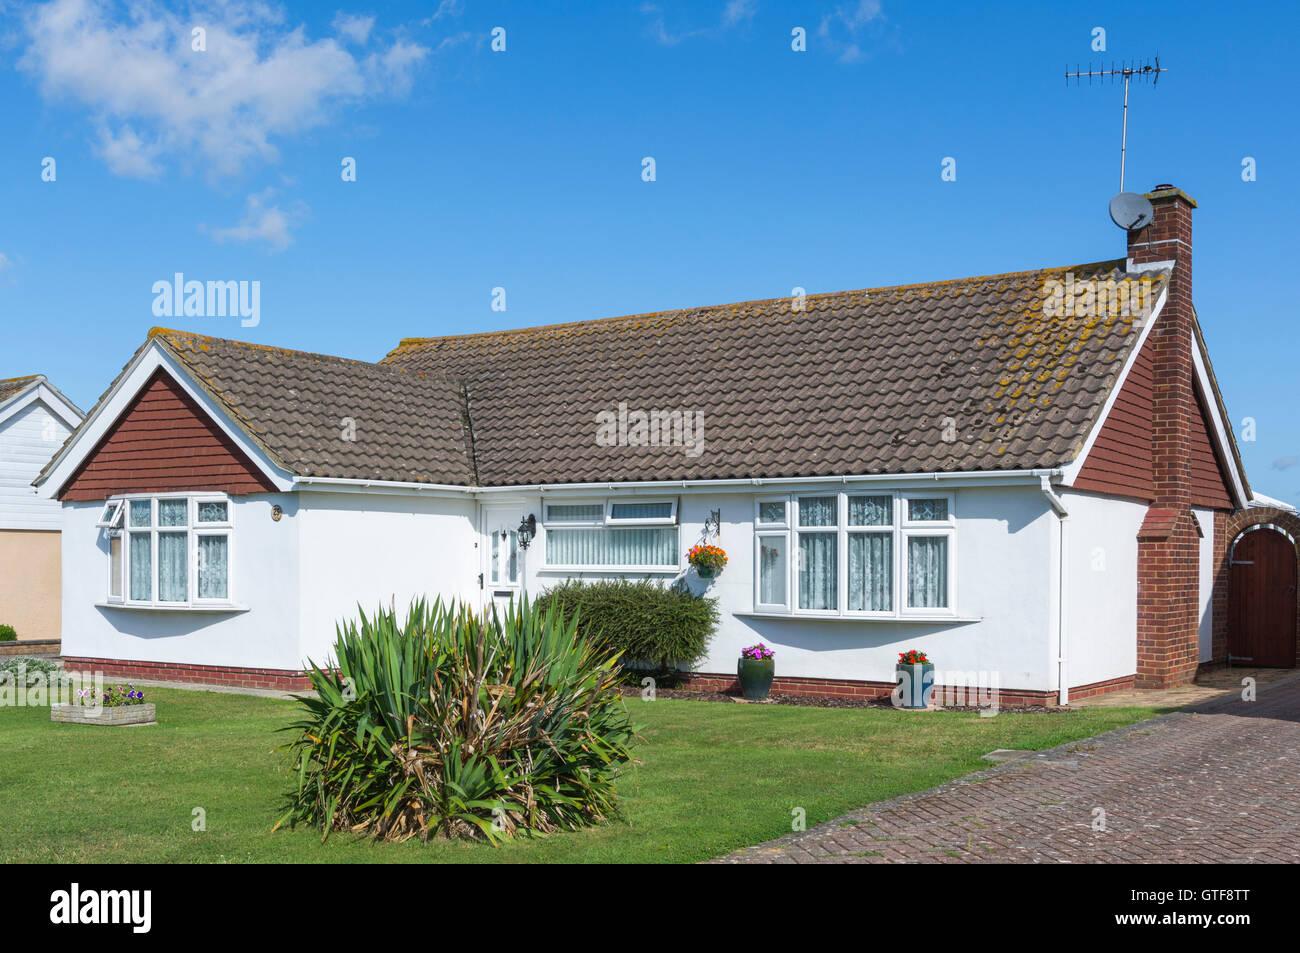 Kleine freistehende Bungalow mit einem schrägen gefliest Dach im Vereinigten Königreich. Stockbild